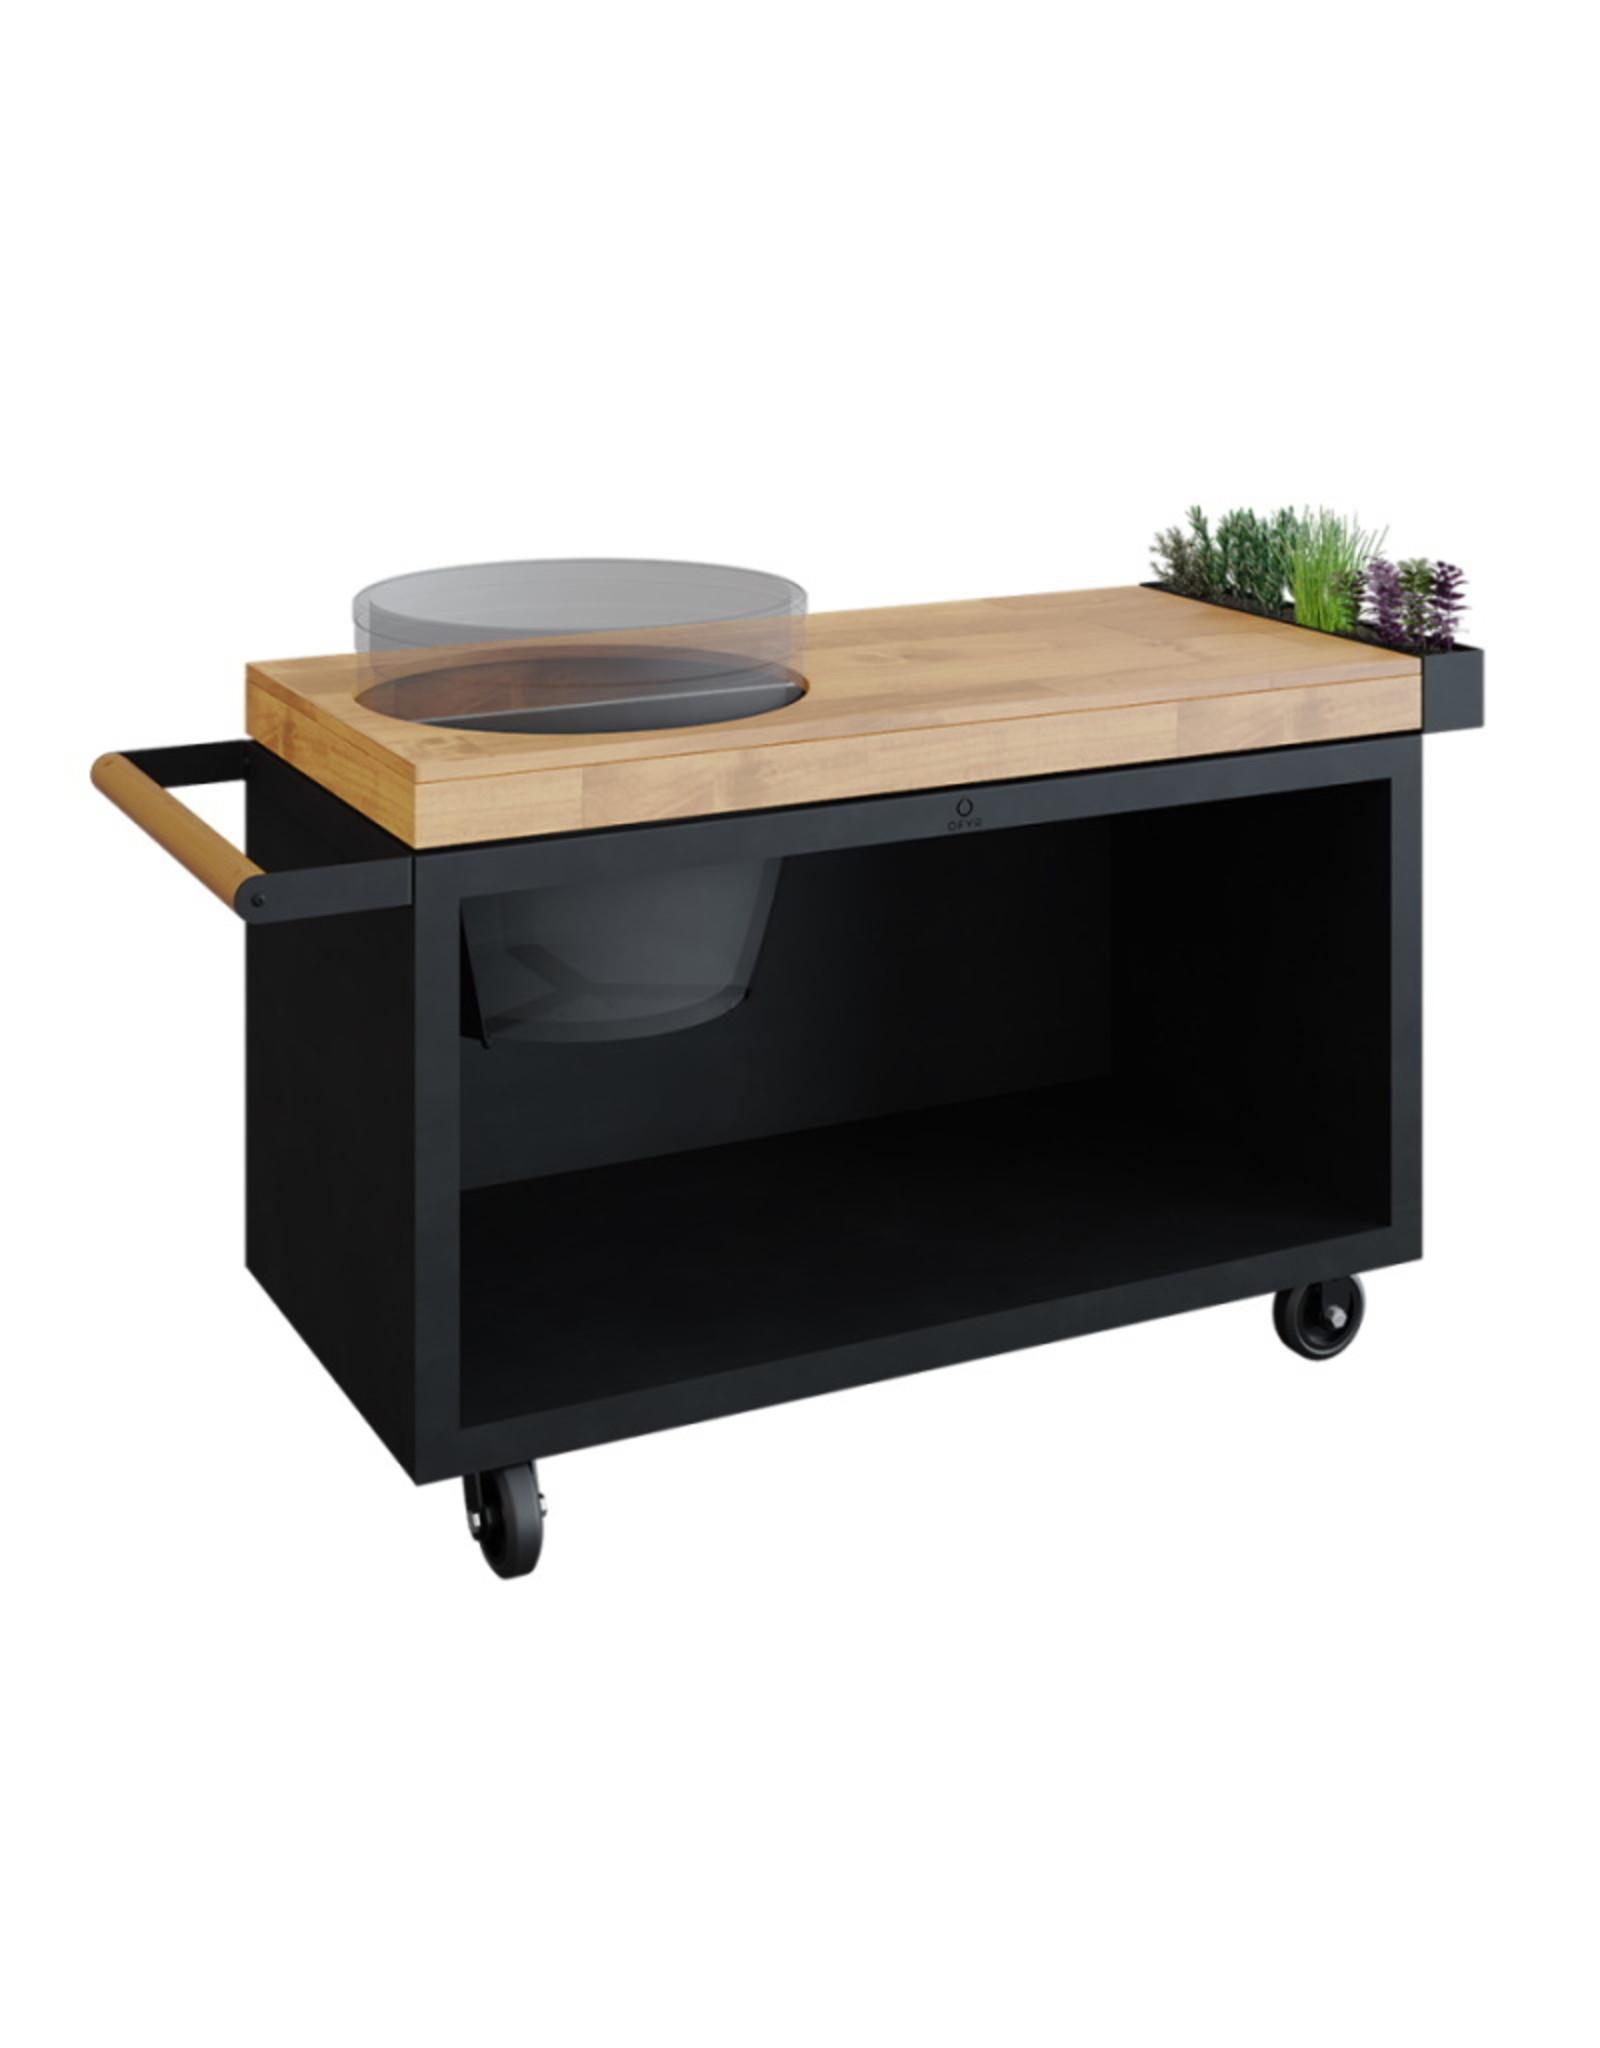 OFYR Kamado Table Black 135 PRO Teak Wood BGE